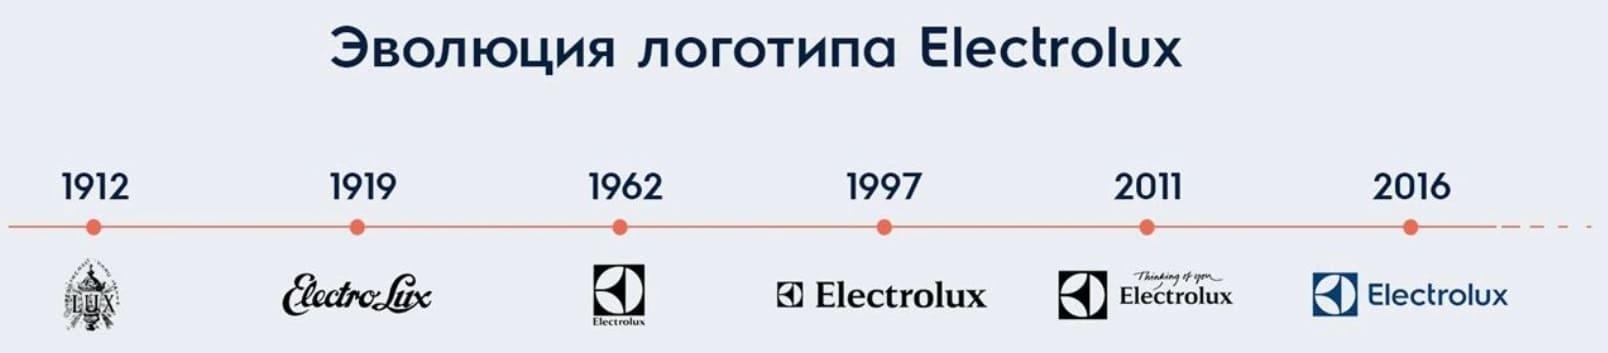 Водонагревательная техника ELECTROLUX в Санкт-петербурге — «ТеплоДвор СПб» ☎ +7(812) 414-36-00